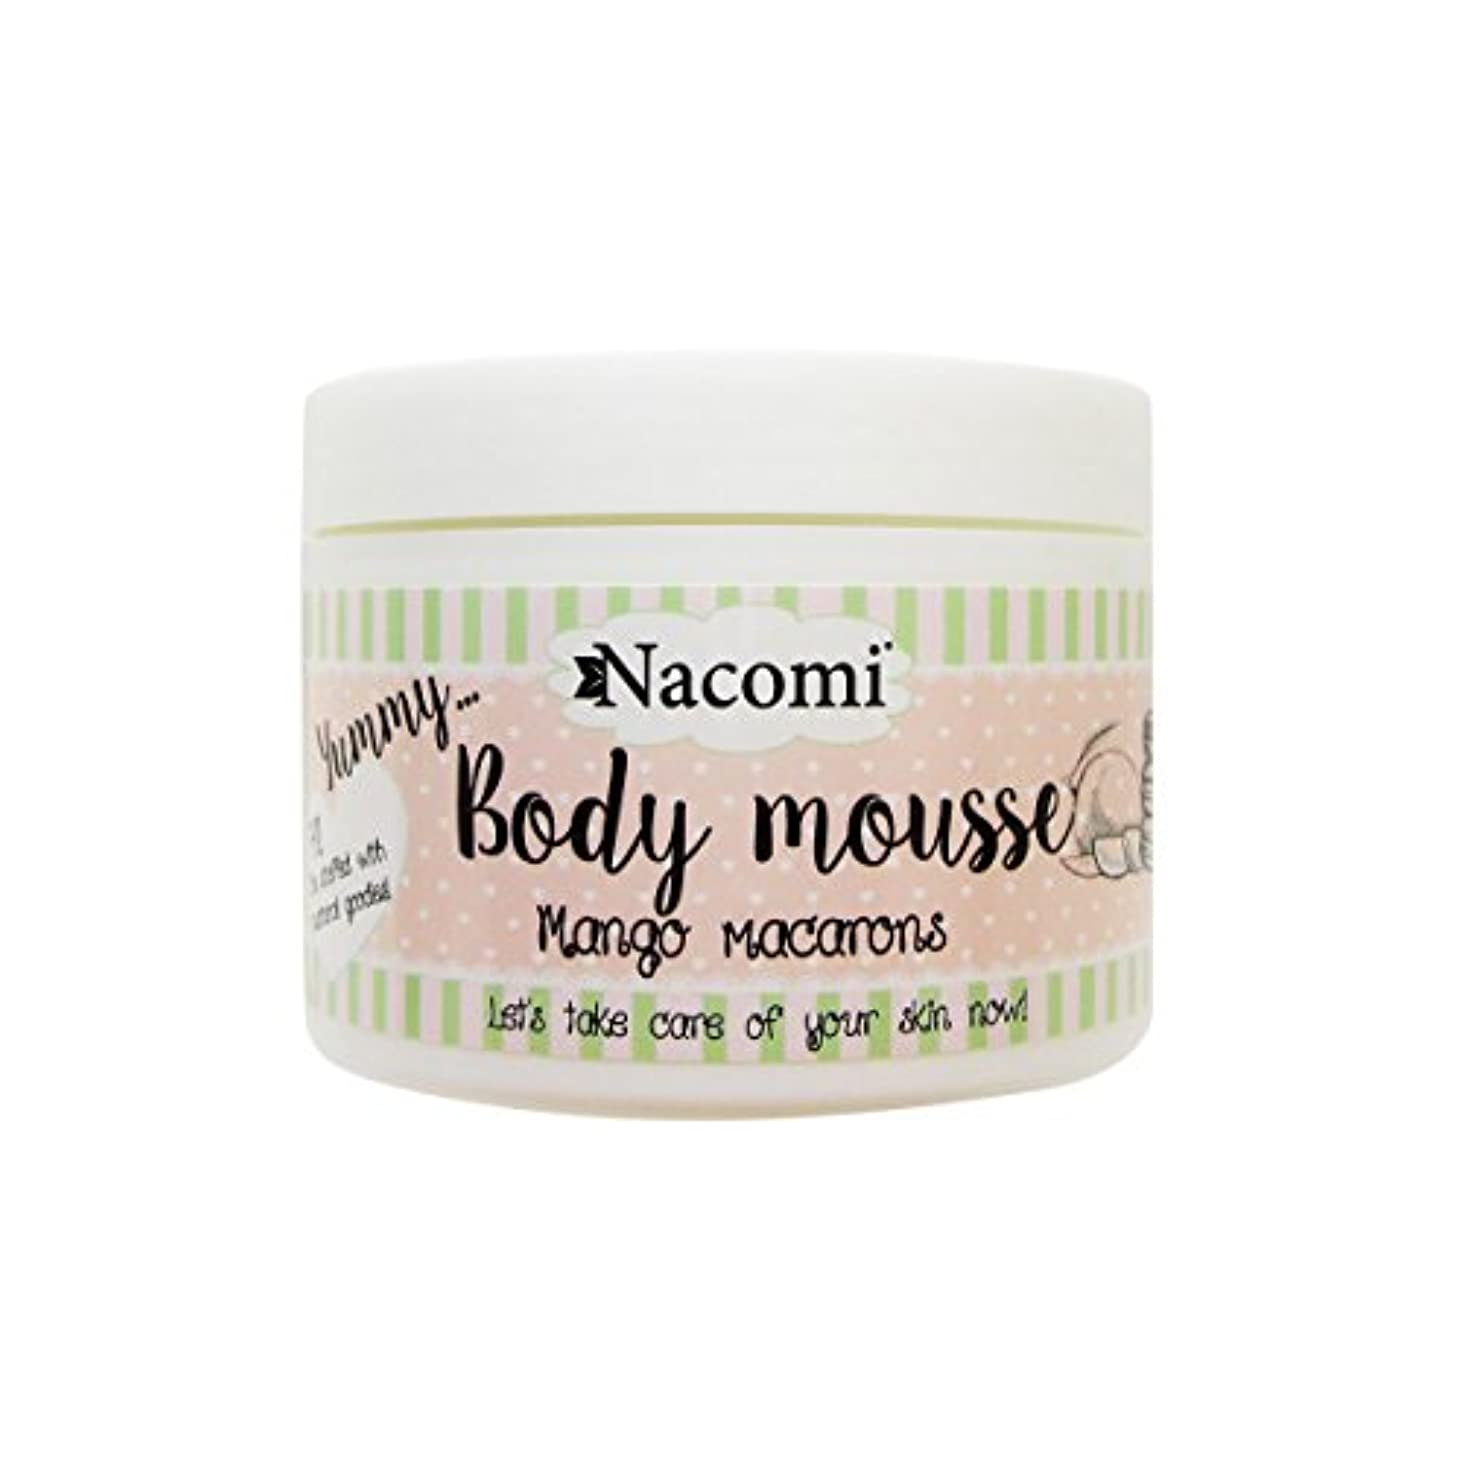 悪性腫瘍ハント講師Nacomi Body Mousse Mango Macarons 180ml [並行輸入品]